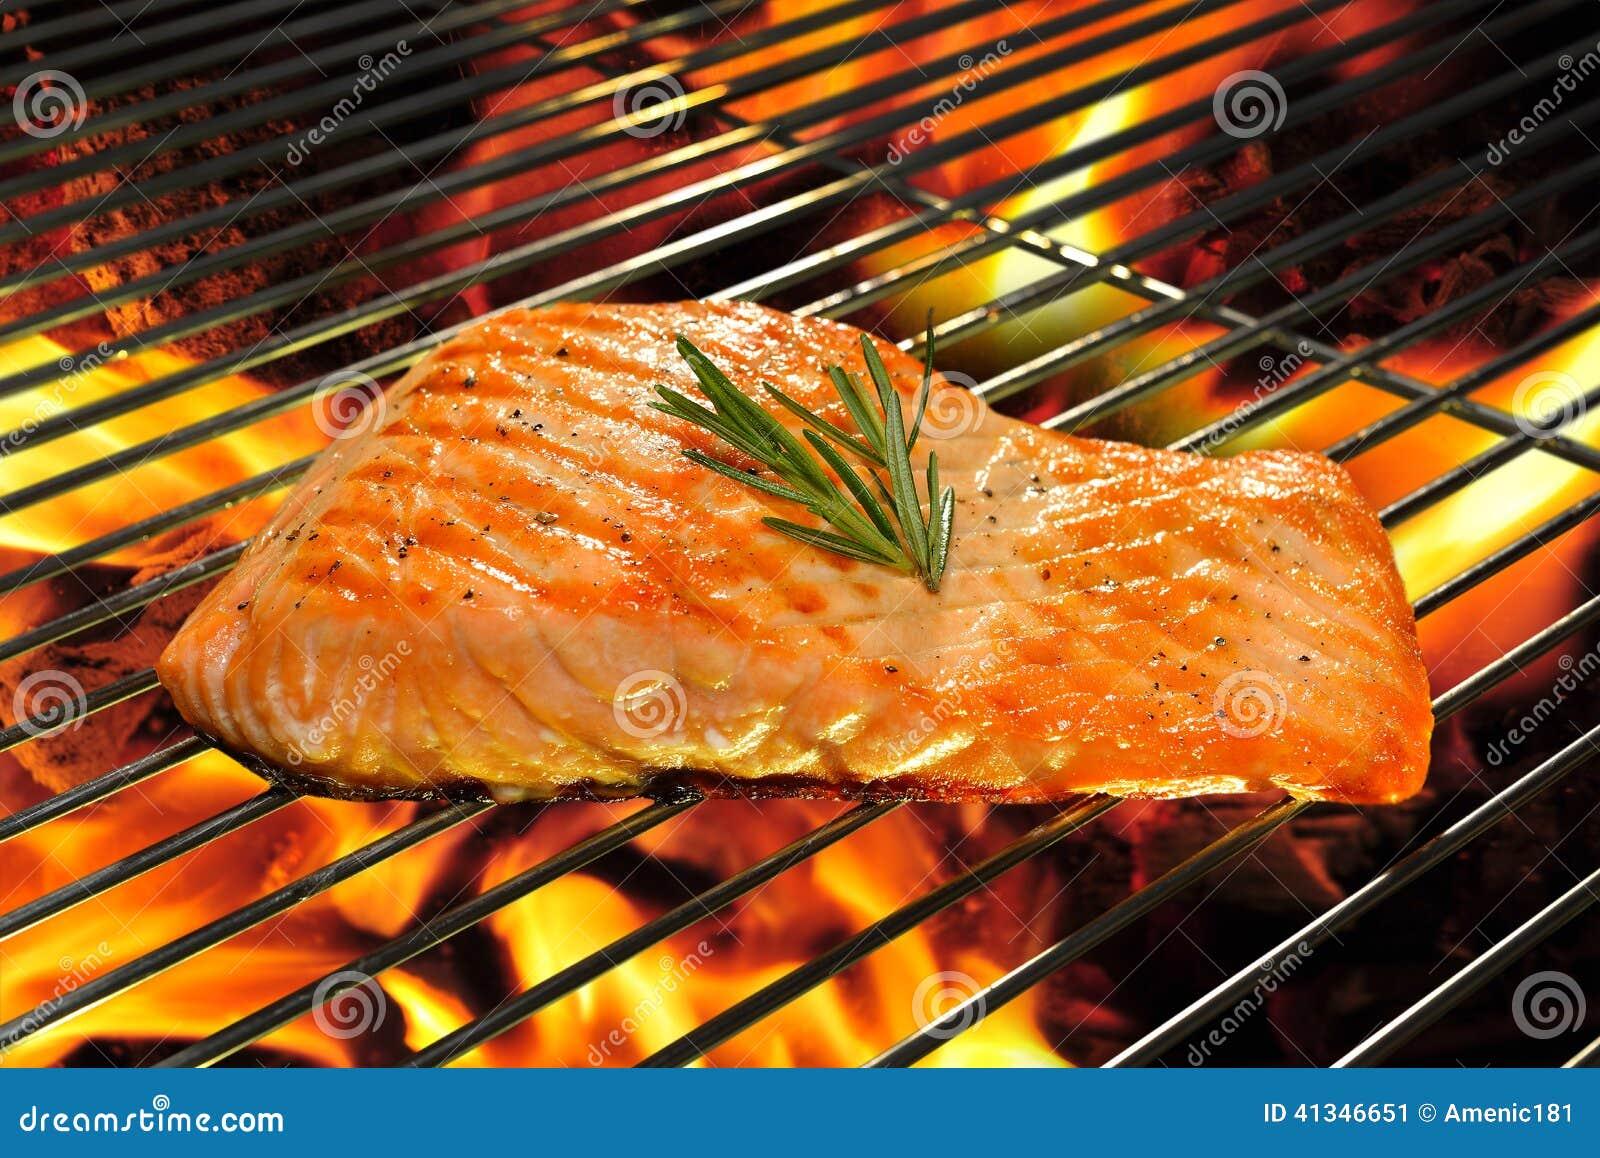 Saumons grillés